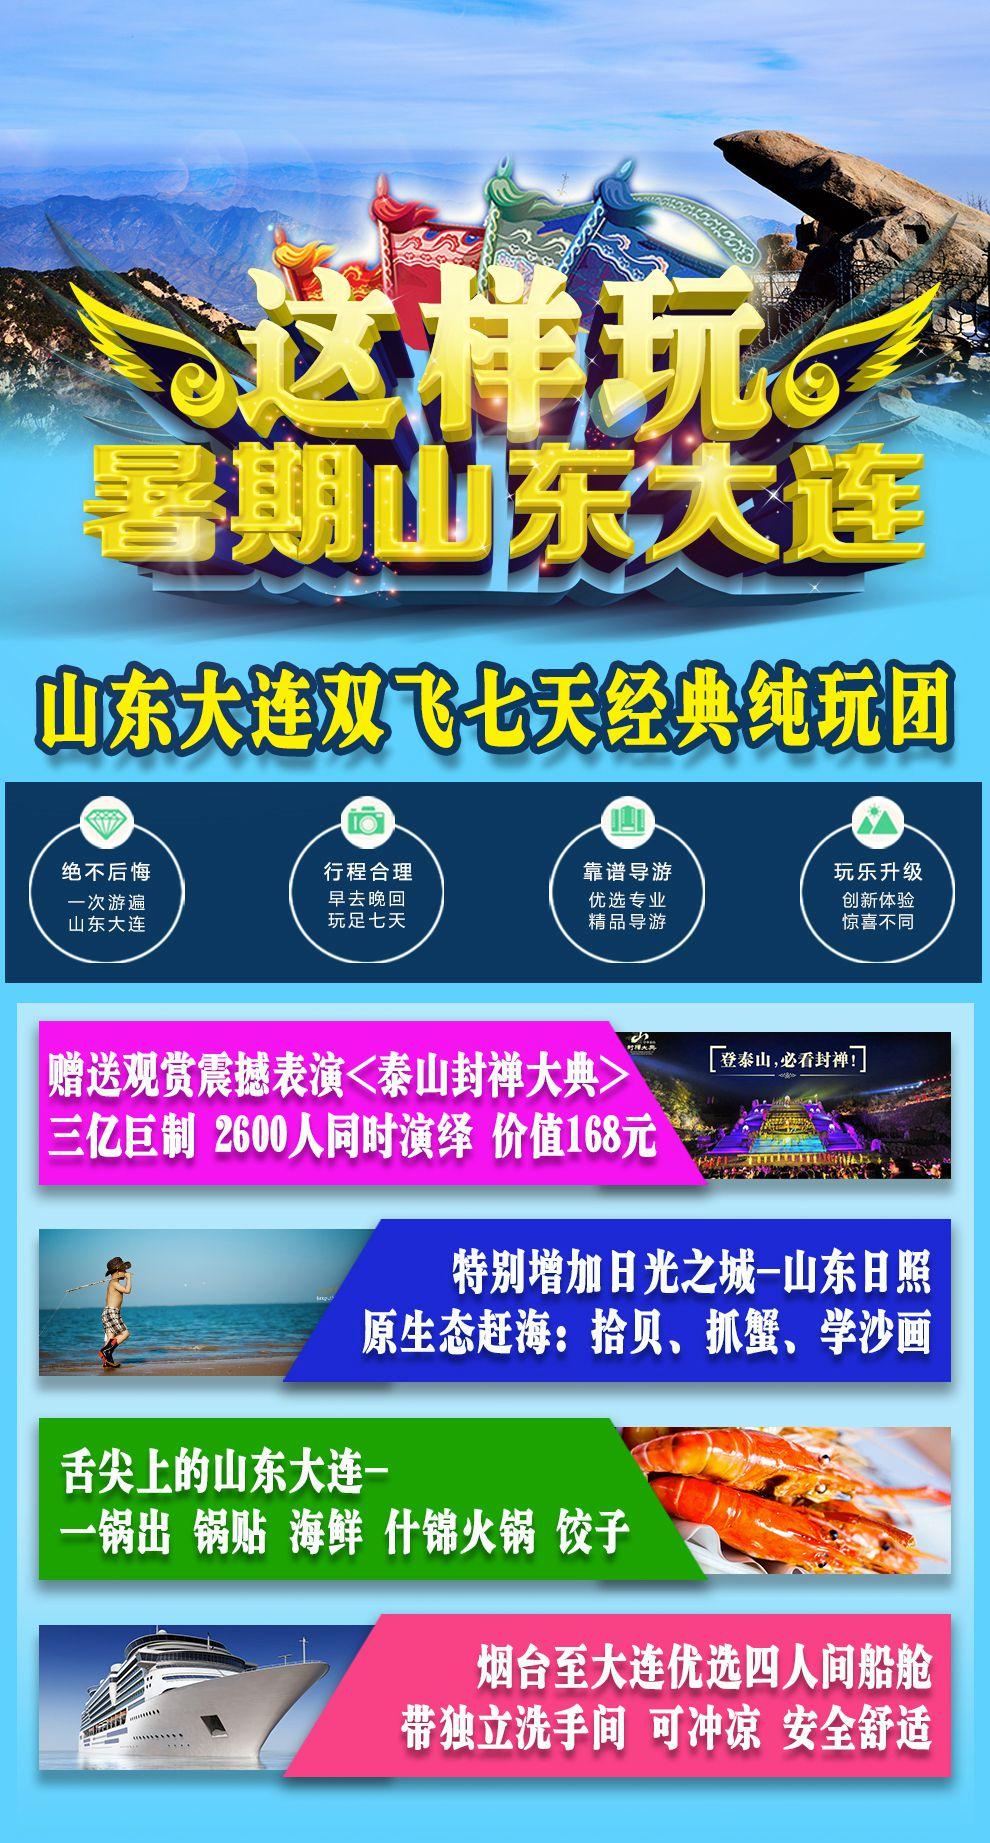 青岛+蓬莱+日照+济南+泰山+曲阜+大连飞机7日跟团游